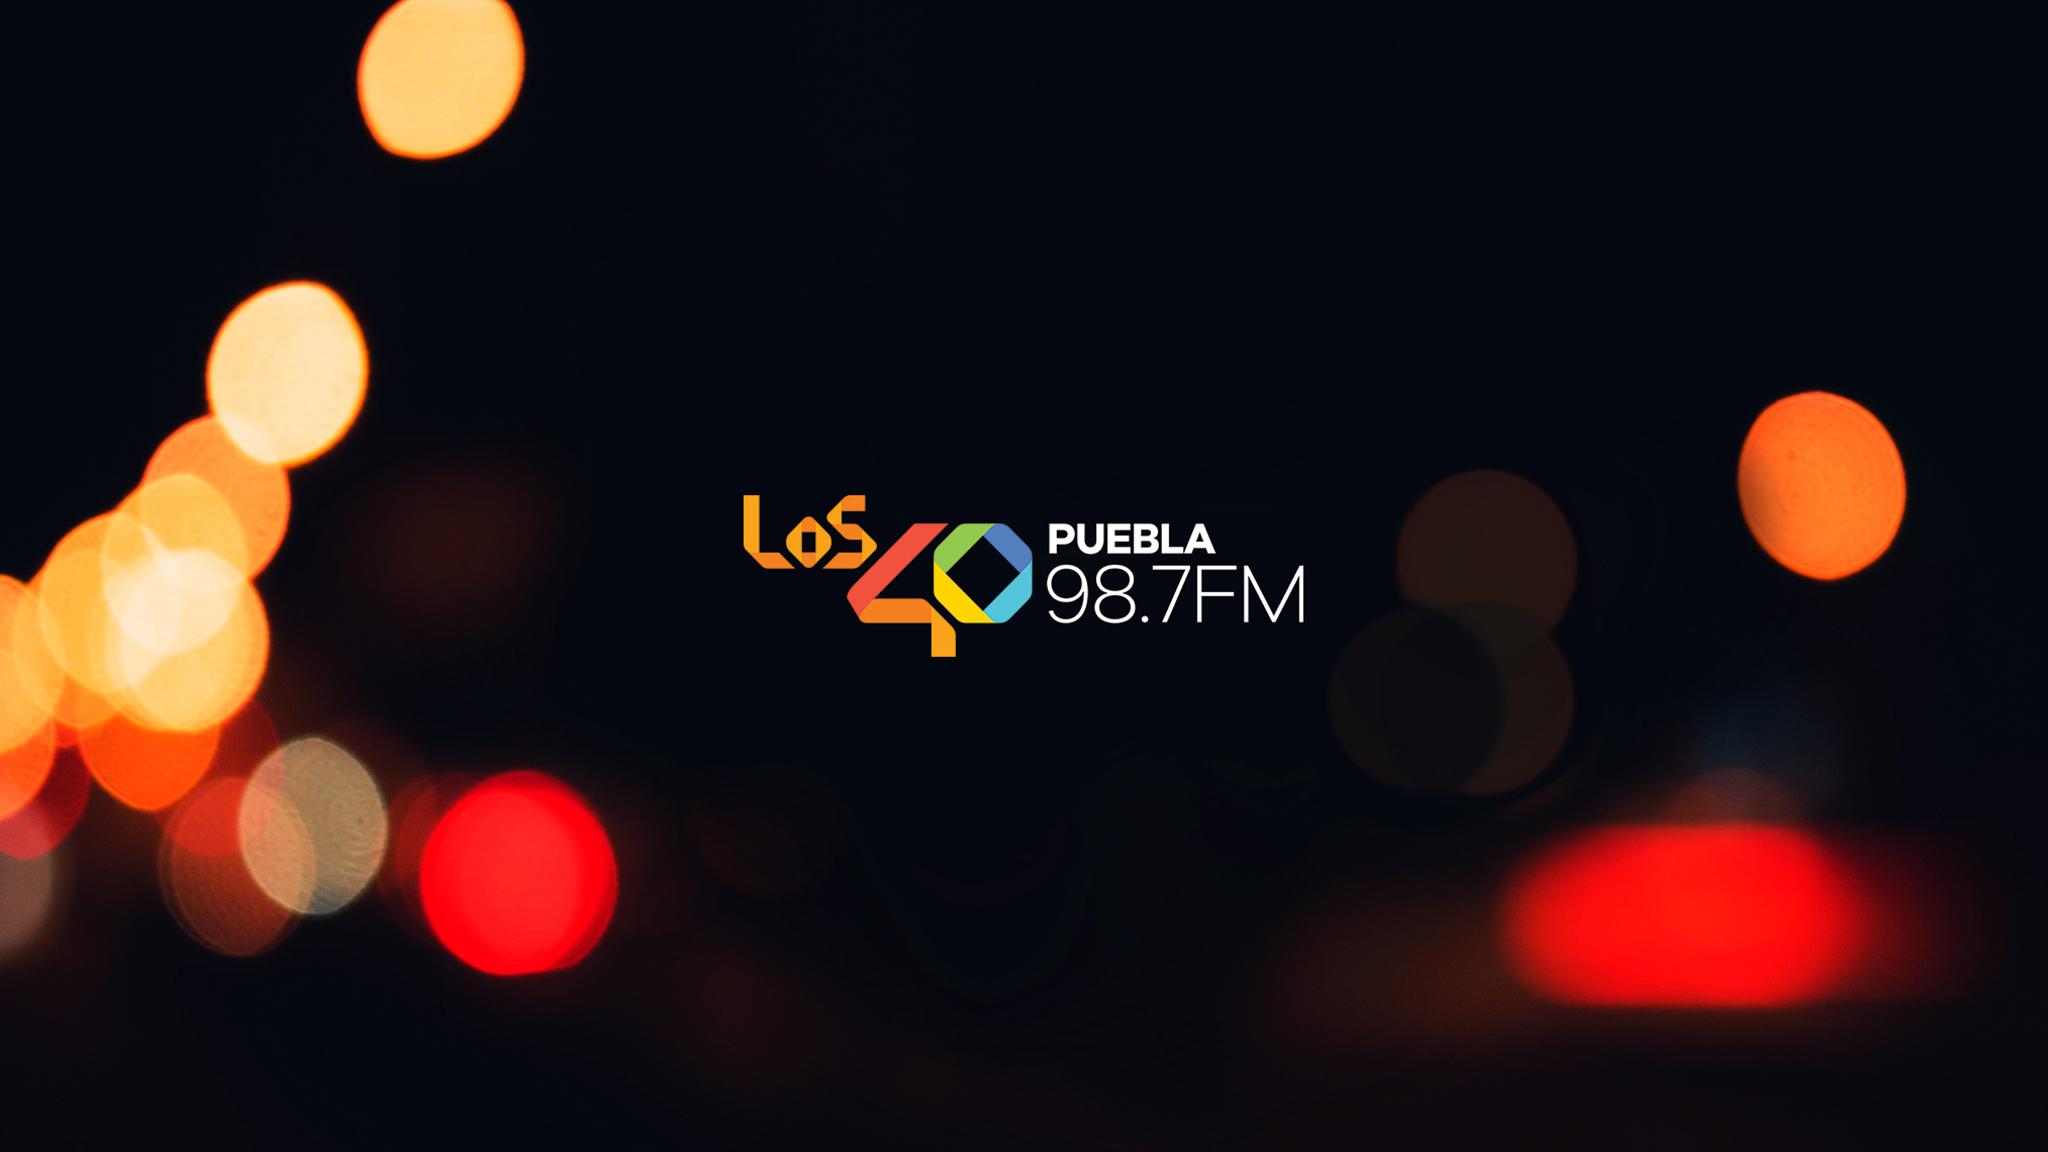 Los40 Puebla